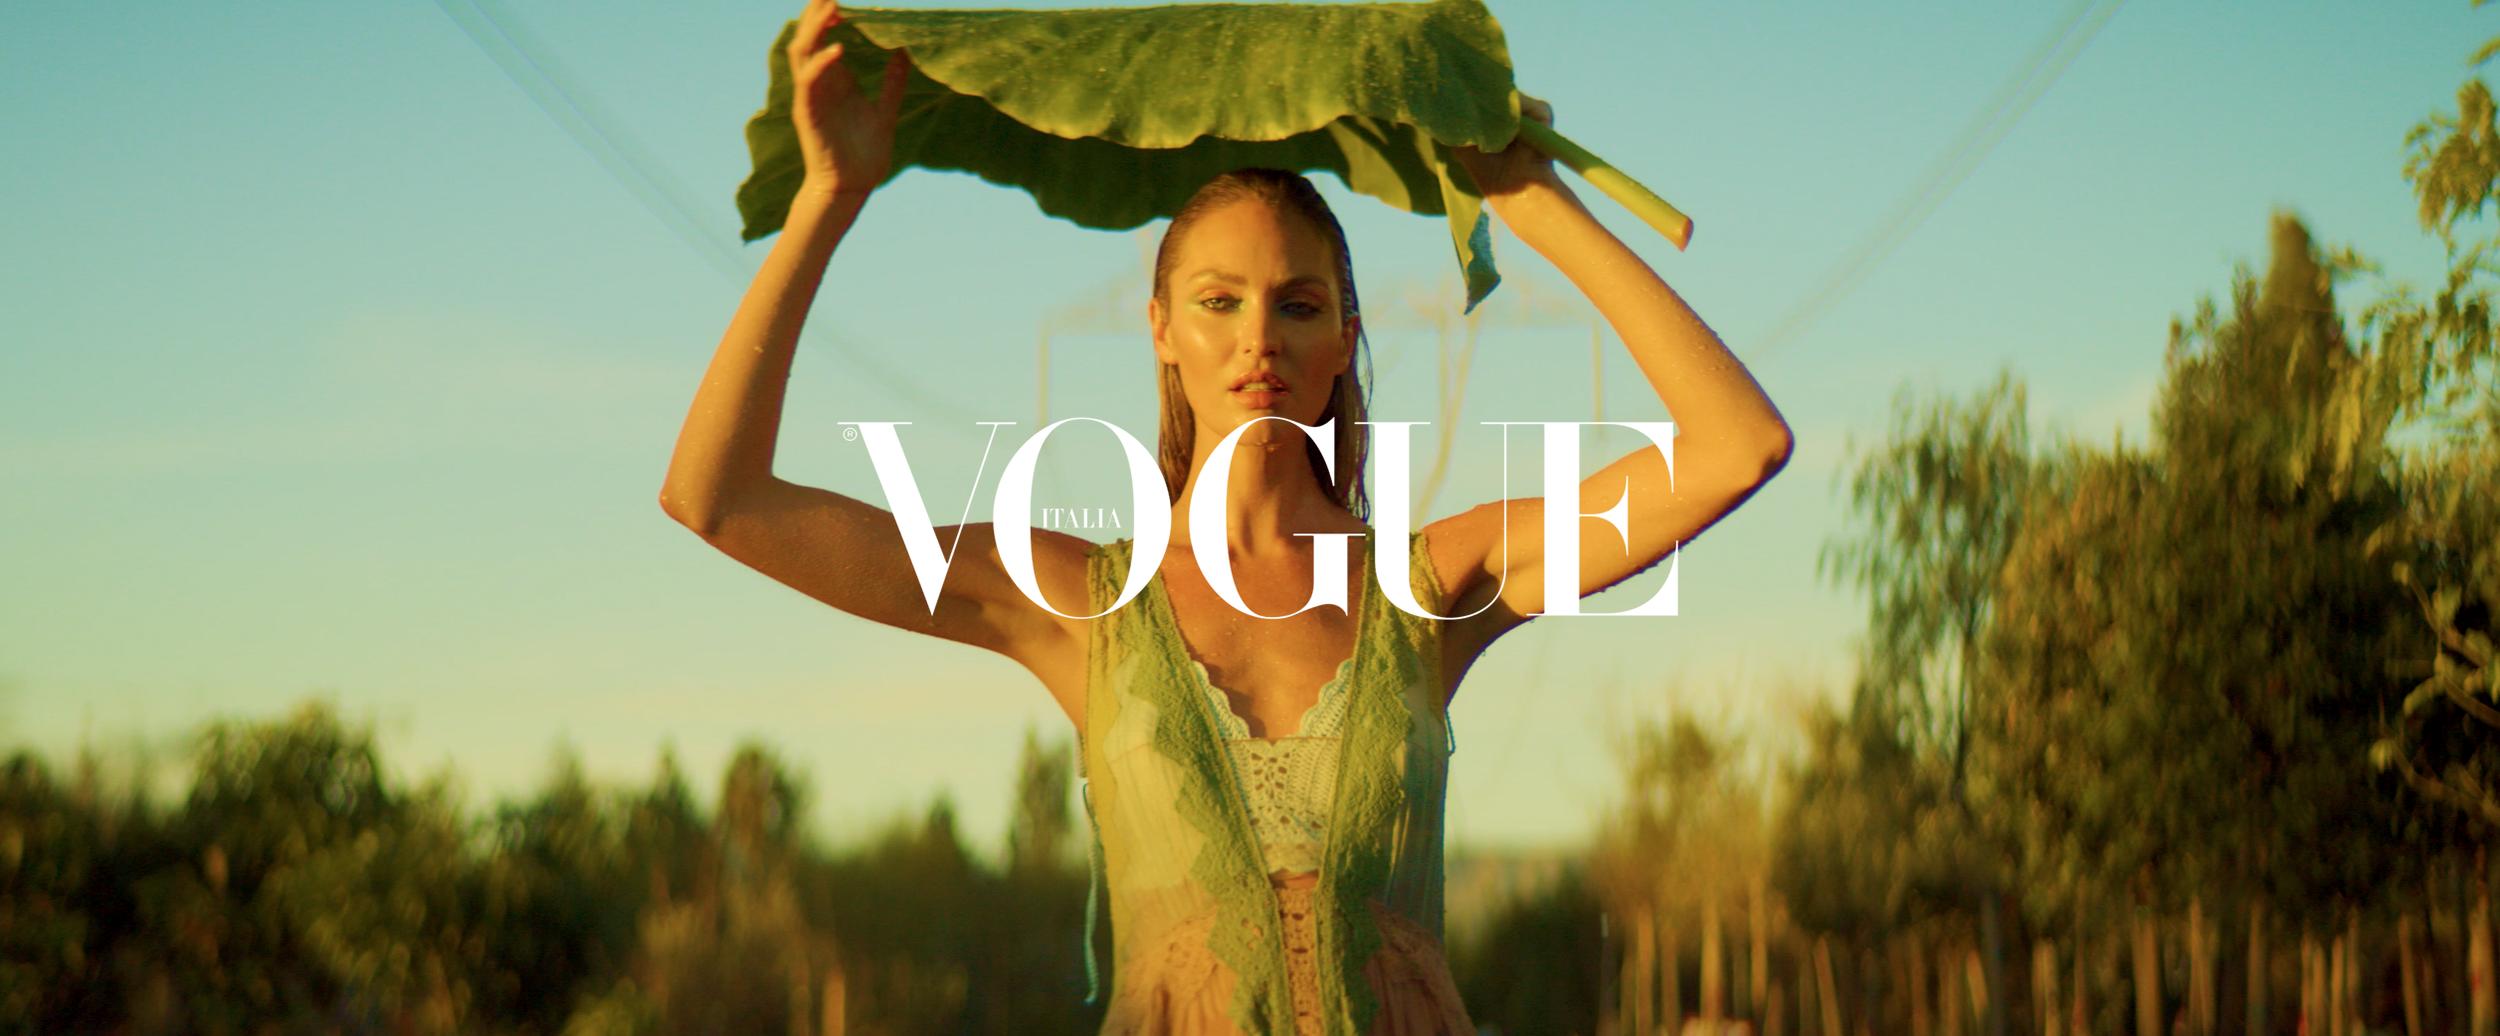 VOGUE x ITALIA | film